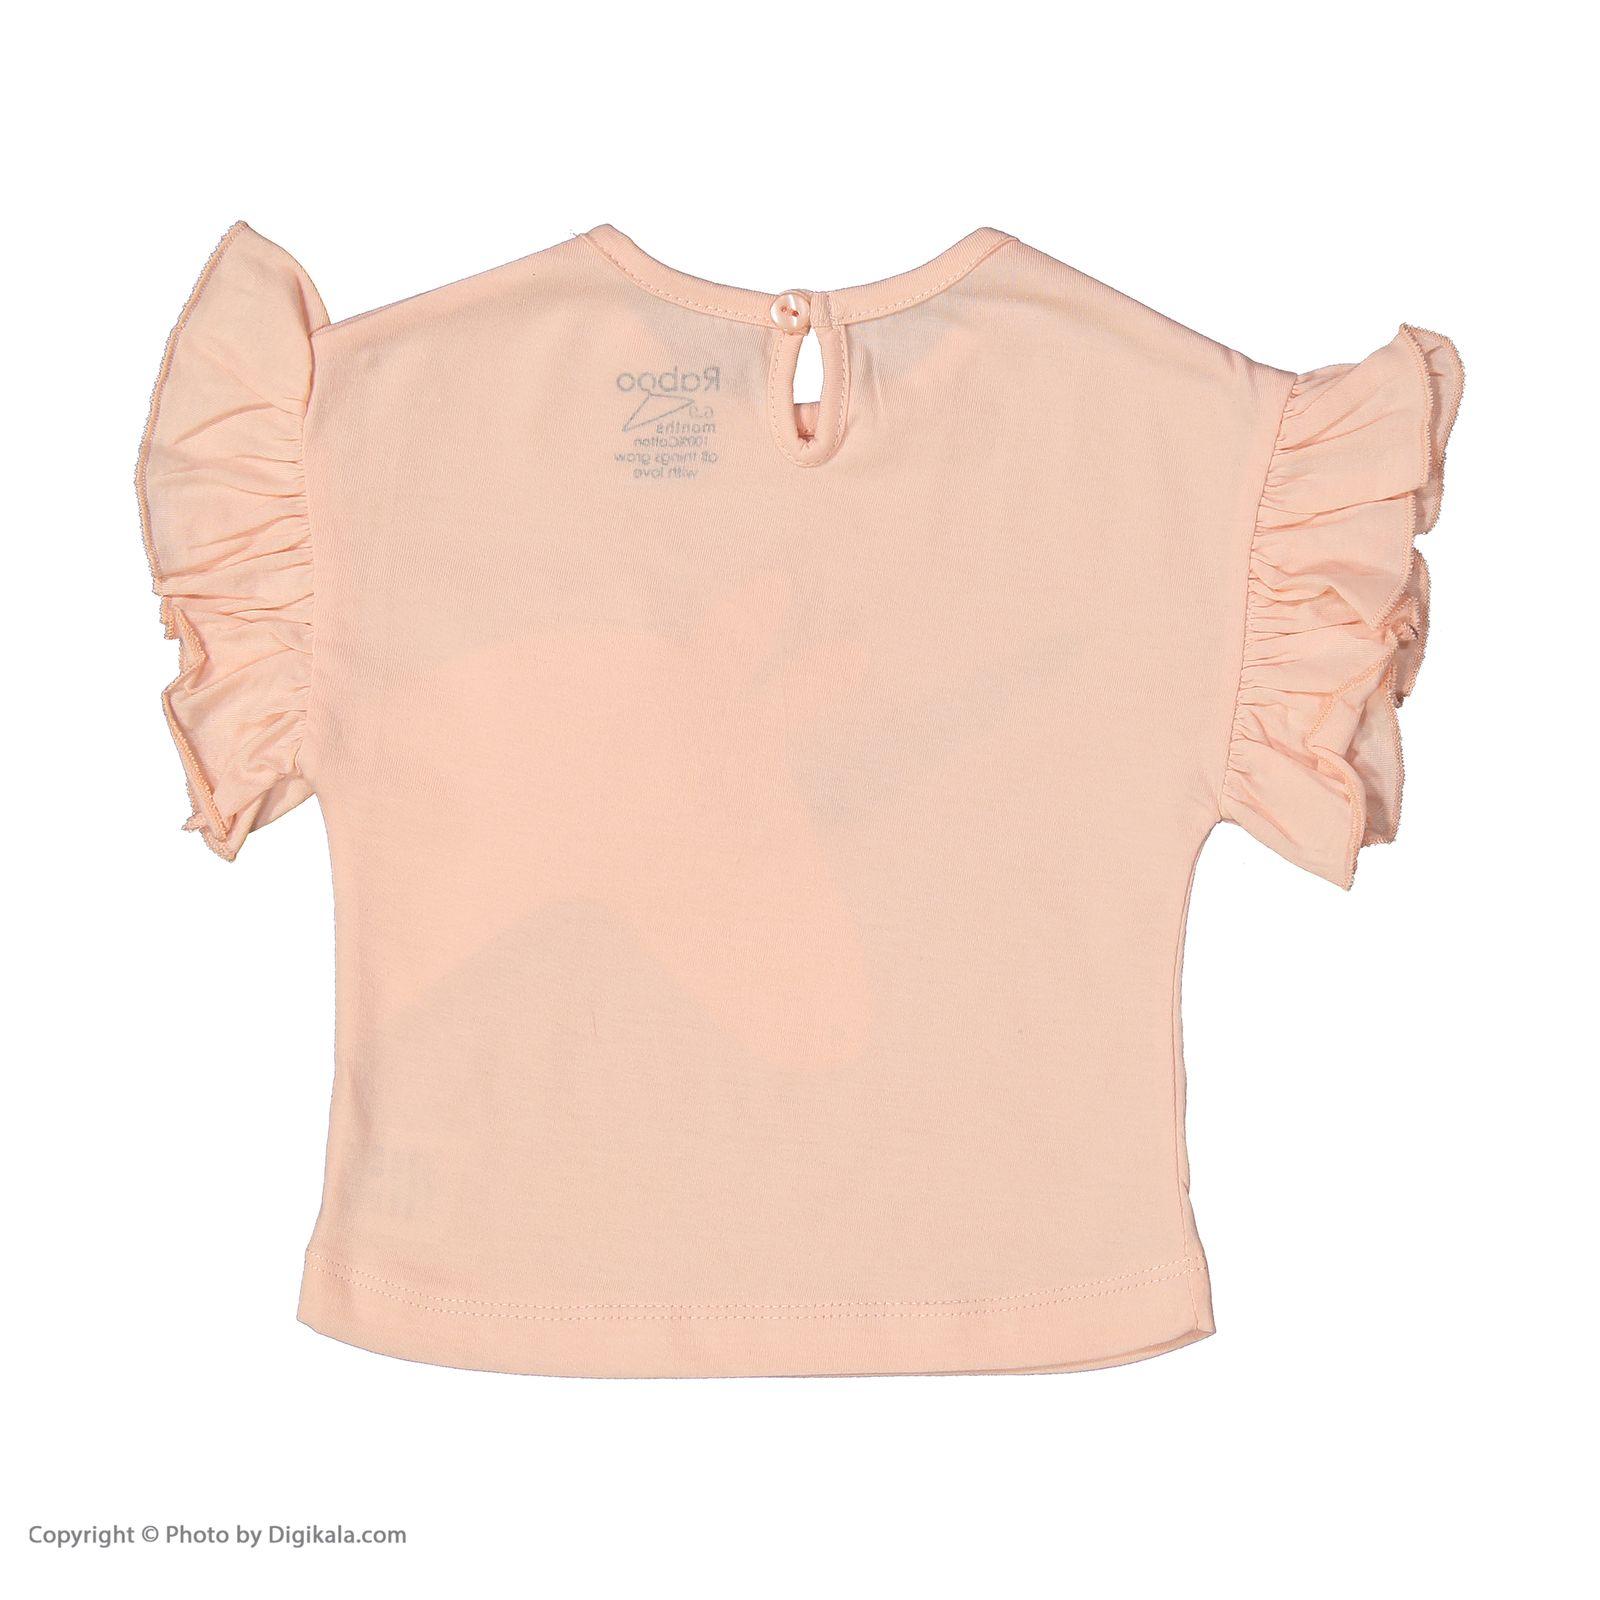 ست تی شرت و شلوار دخترانه رابو مدل 2051127-81 main 1 3